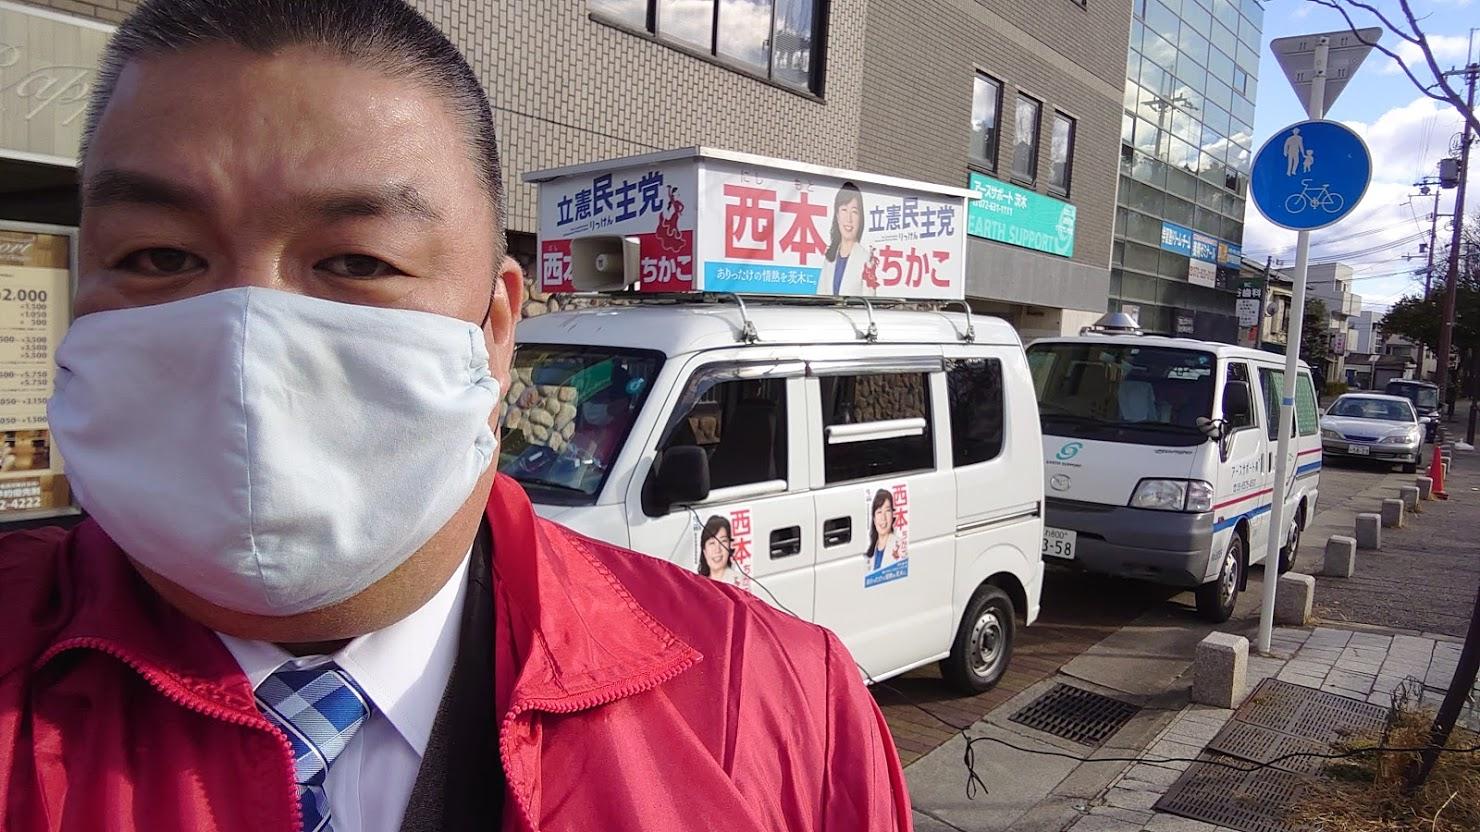 2021.1.19 茨木市議会議員選挙(稲葉・西本両候補)の応援に